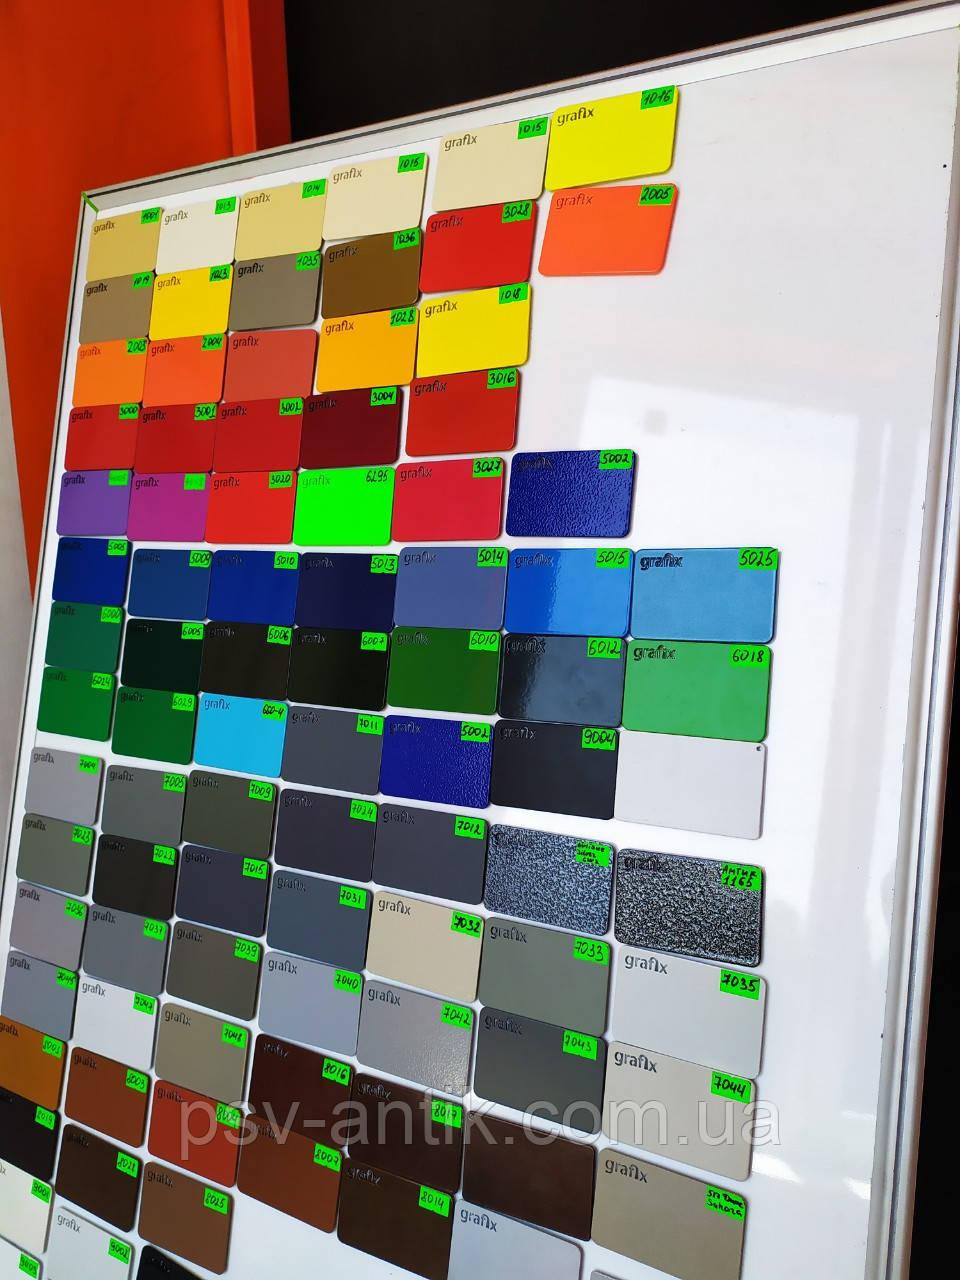 Порошковая краска структурная, полиэфирная, архитектурная, 807